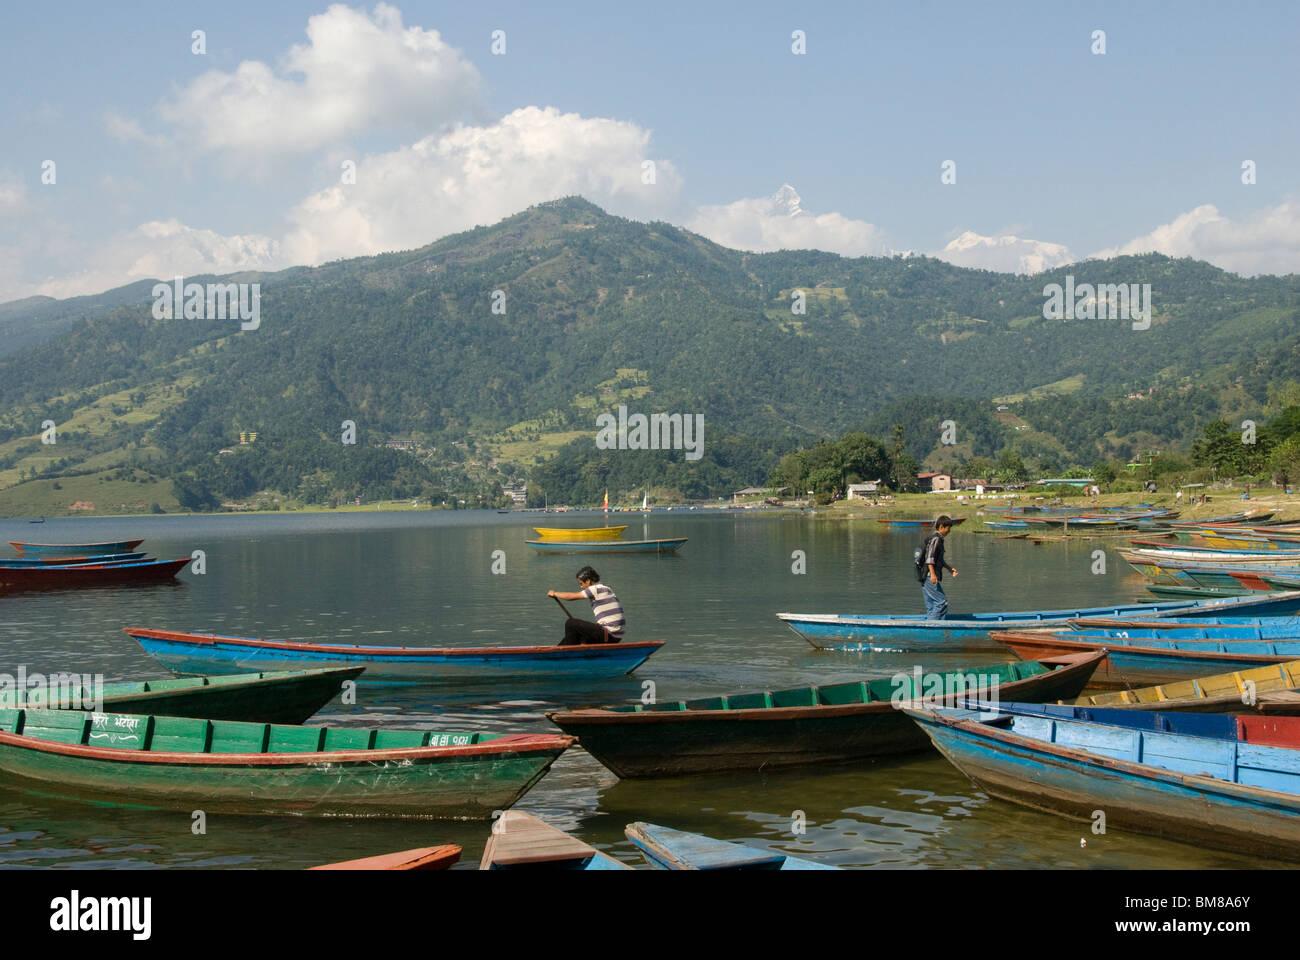 Boats on lake, Phewa Tal lake, Pokhara, Nepal - Stock Image